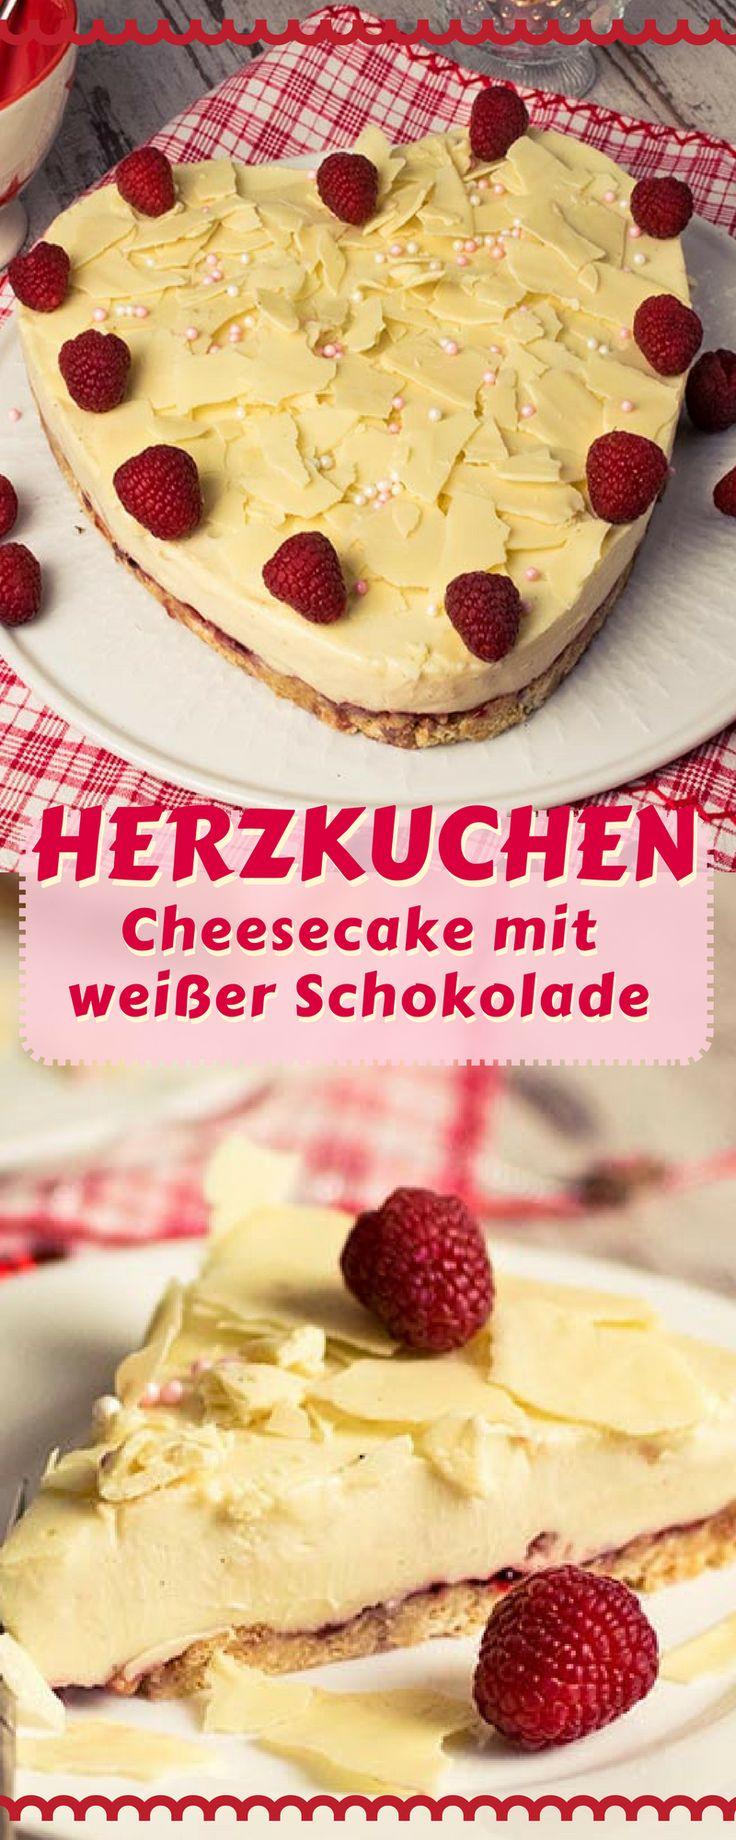 Cheesecake Rezept mit weißer Schokolade und Bröselboden. Eine fruchtige Note erhält der Cheesecake durch eine Schicht Himbeergelee. Die leckere Kuchenidee für Muttertag oder Valentinstag.